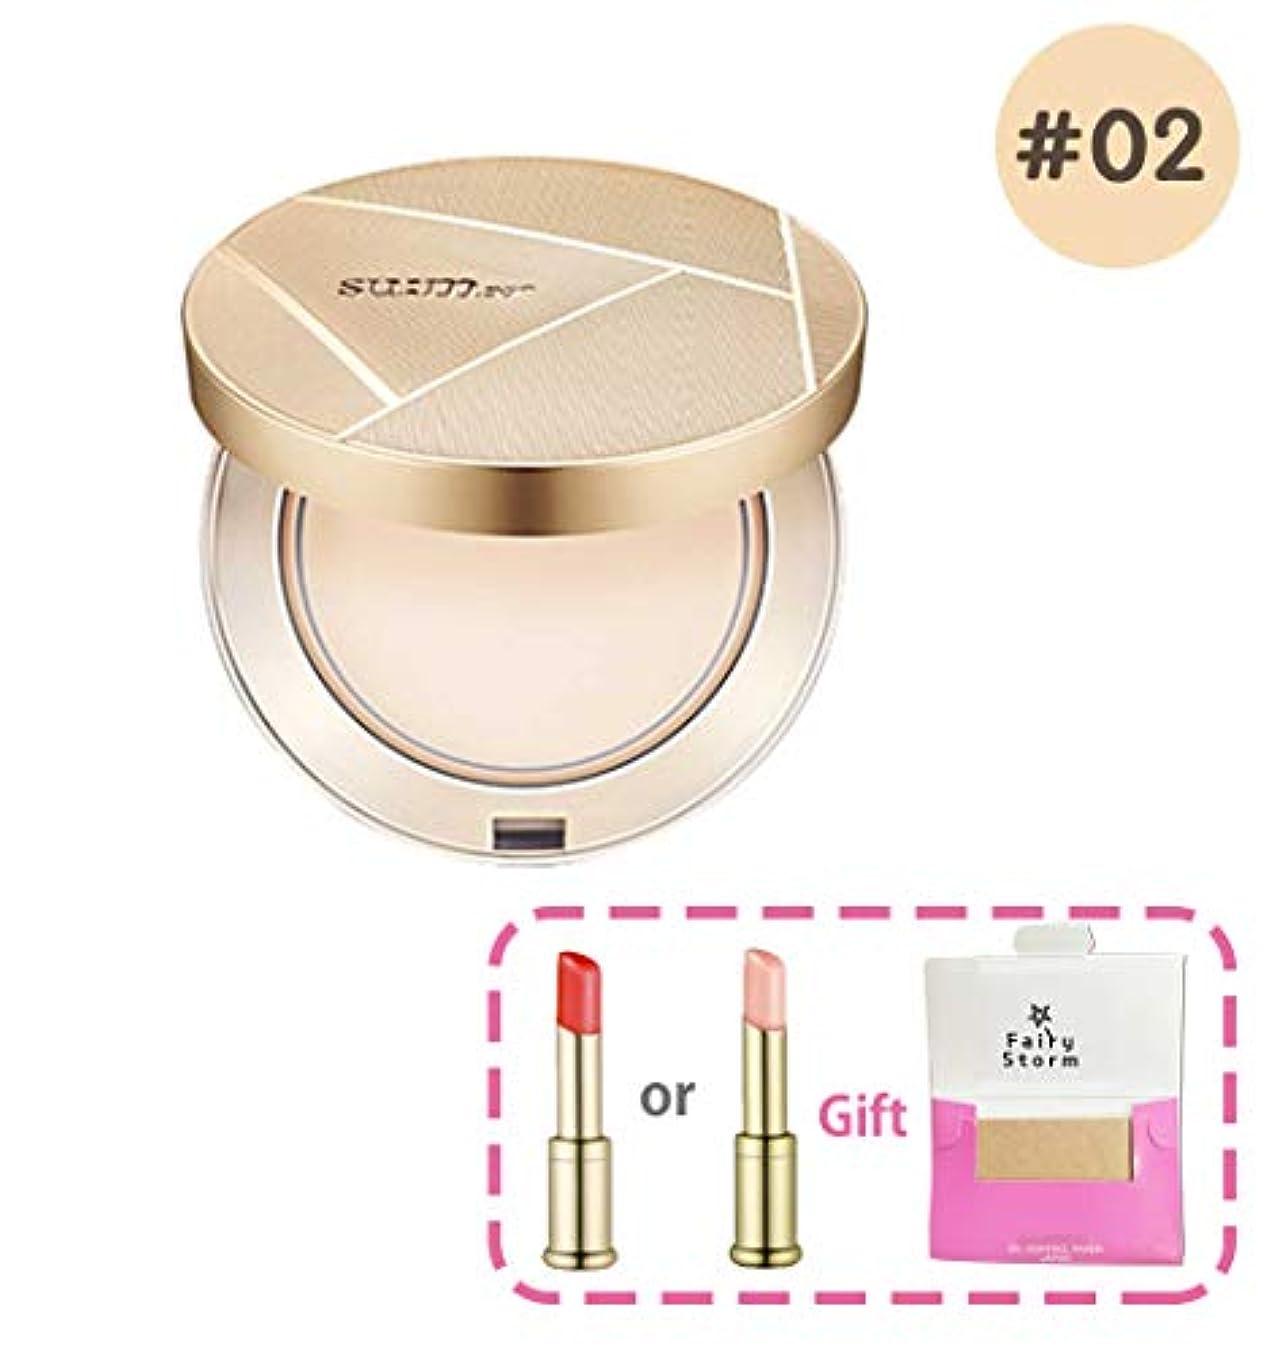 高揚した毎月好奇心盛[su:m37/スム37°] sum37 Air risingTF Radiance Powder Pact SPF30/PA++/エアライジングTFラディアンスパウダーファクト 2号 +[Sample Gift](海外直送品)